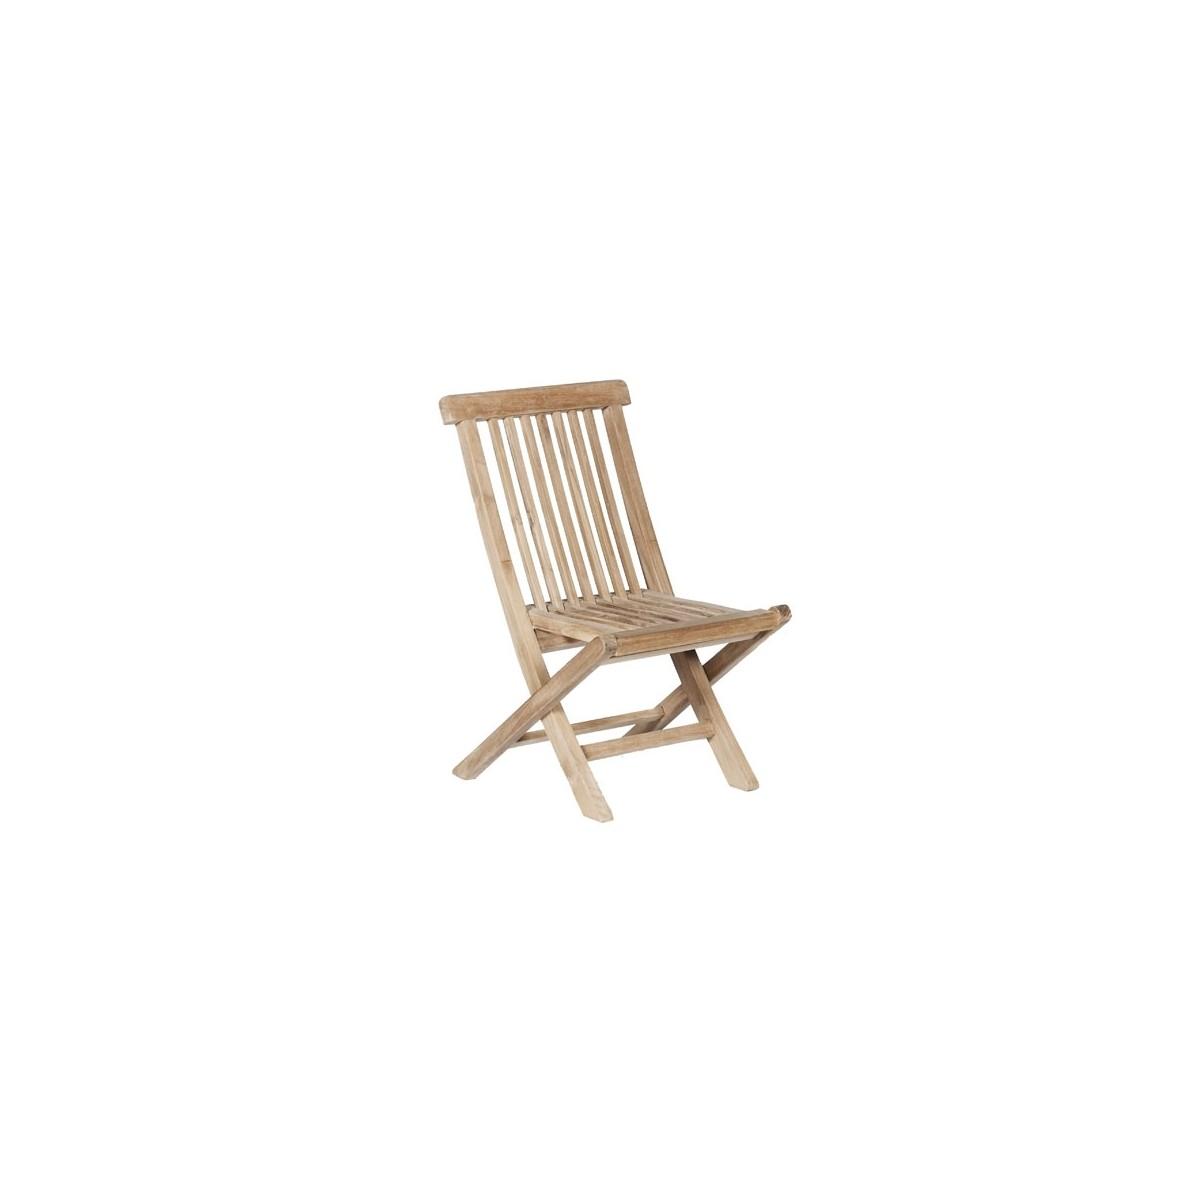 Chaise de jardin enfant en bois de teck midland bois for Chaise enfant bois